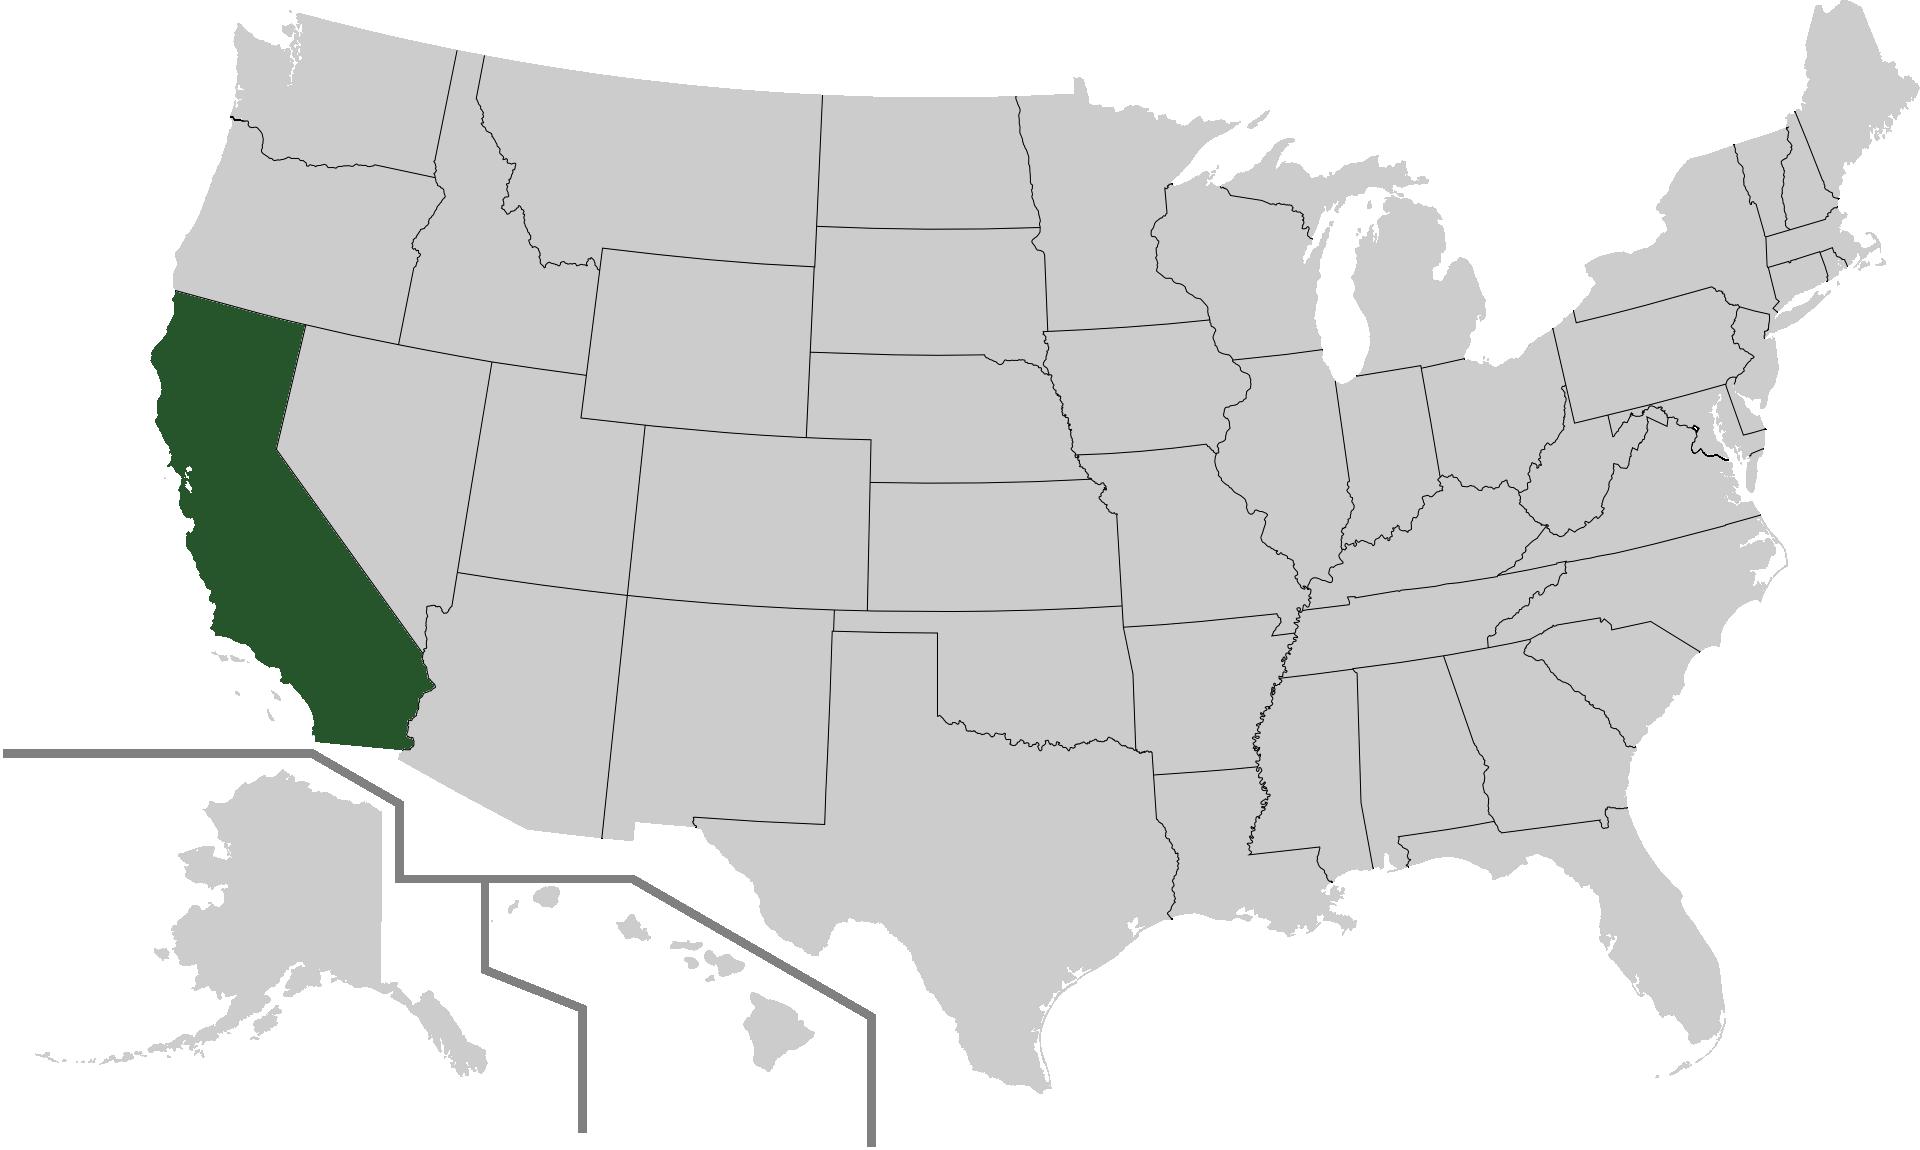 kalifornien orte die man sehen muss